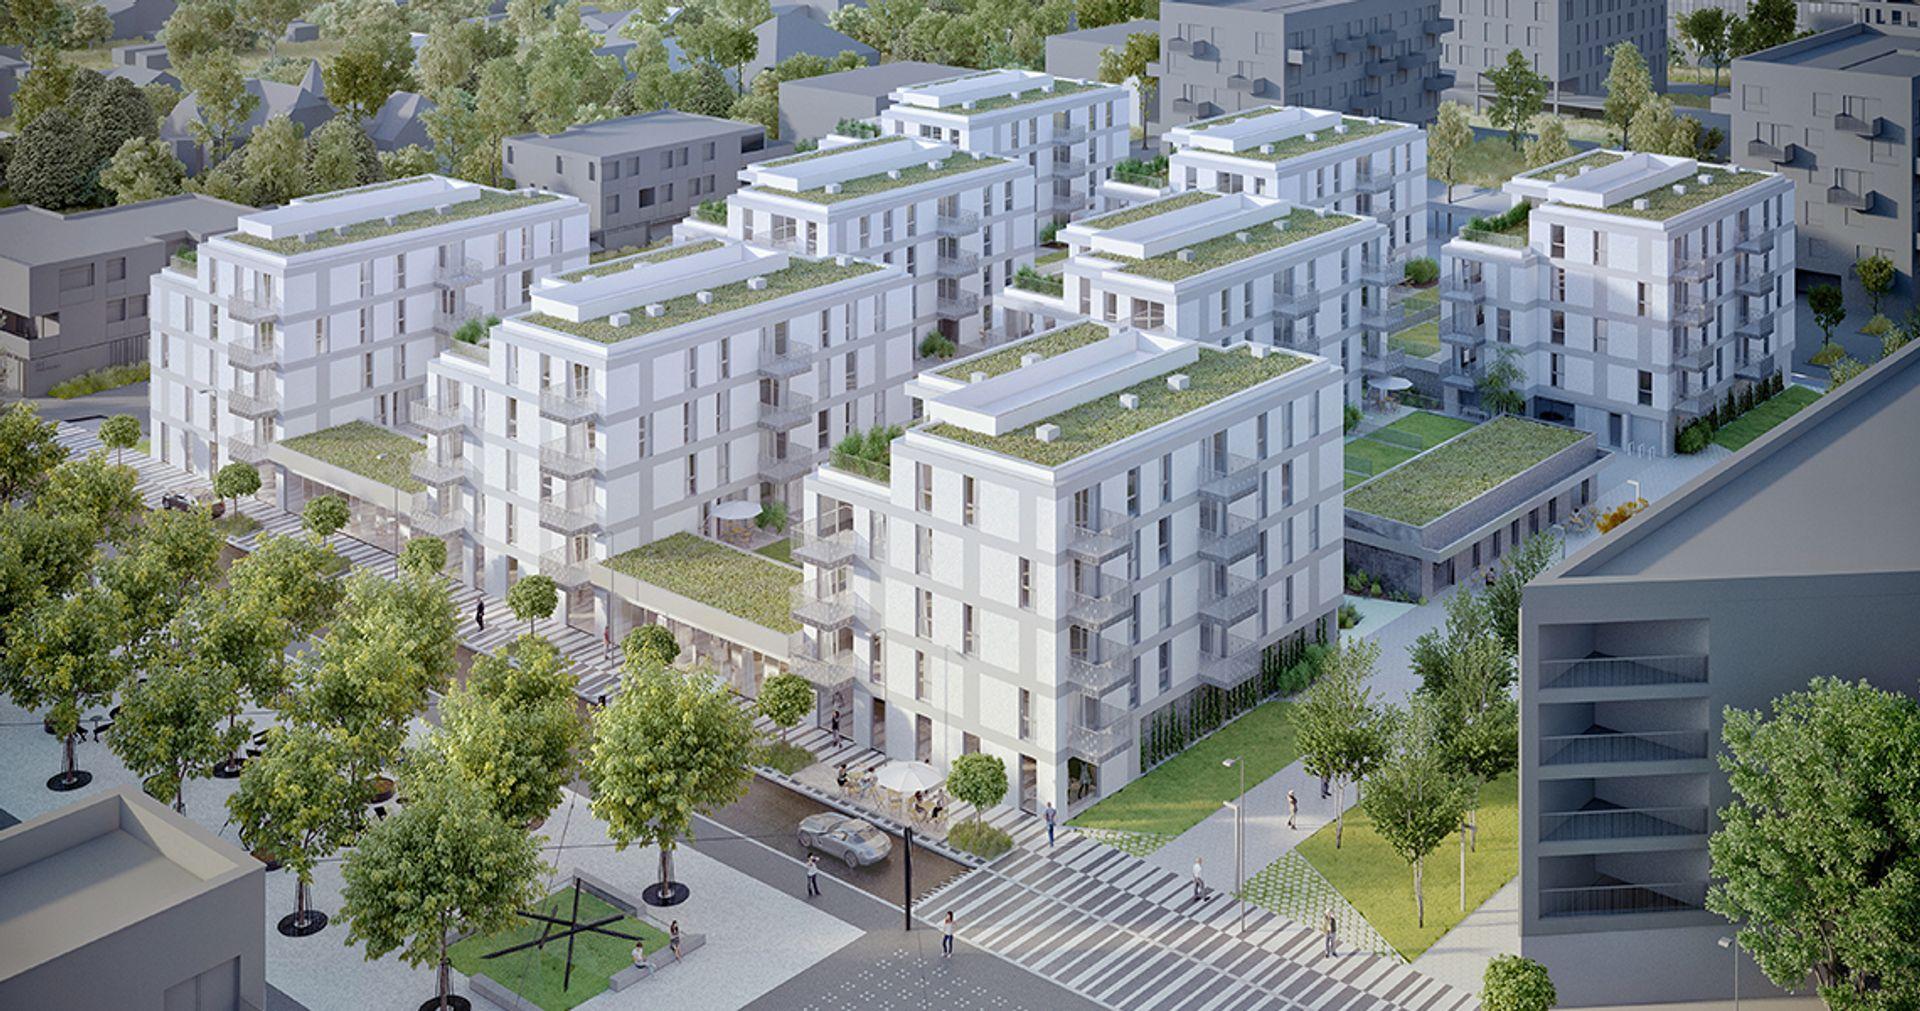 [Wrocław] Haras wybuduje dla Blockpolu osiedle Inspiracja na Nowych Żernikach